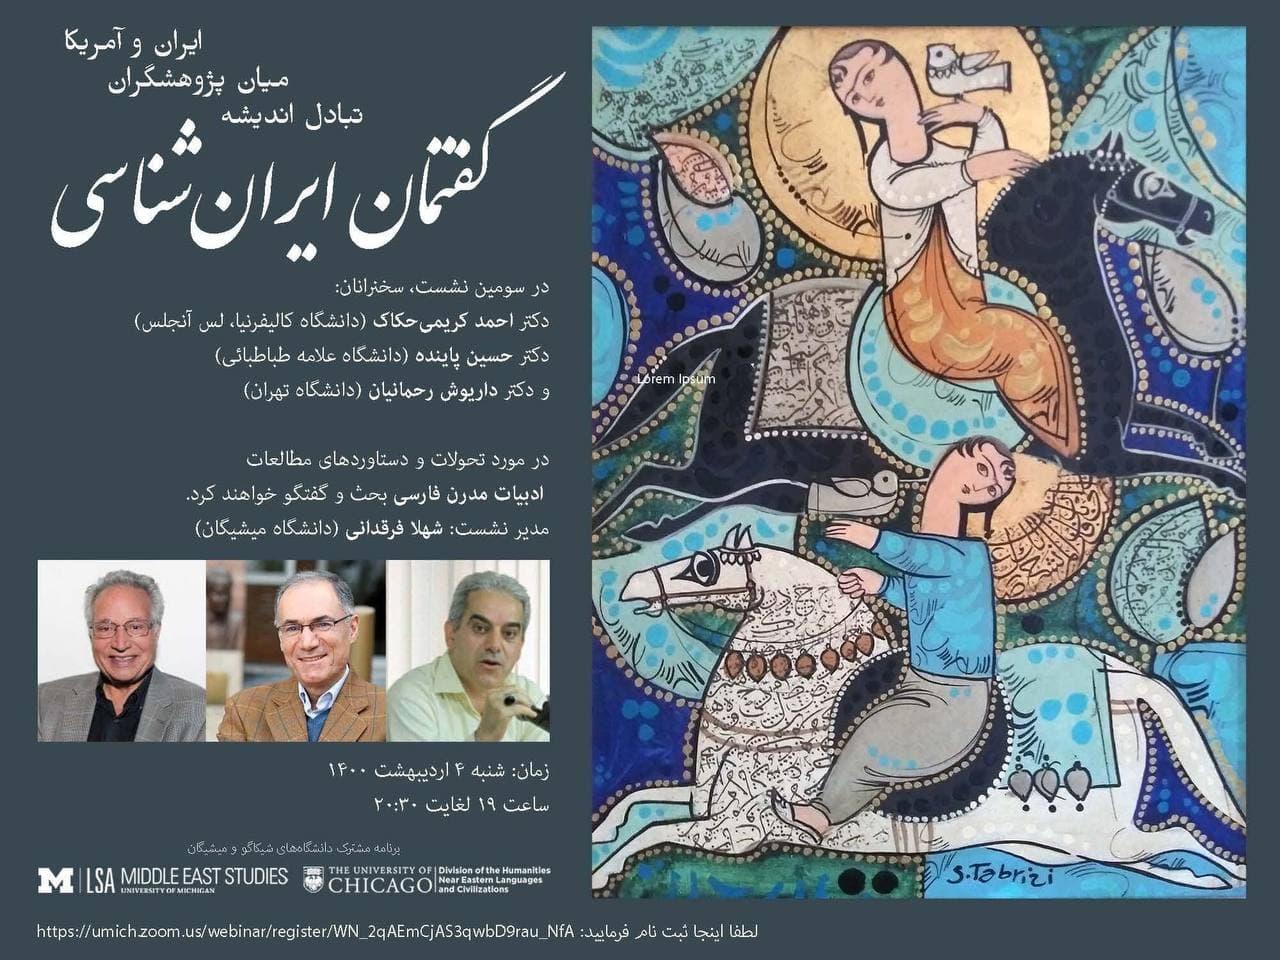 نشست دانشگاه شیکاگو و دانشگاه میشیگان دربارهی ادبیات معاصر ایران